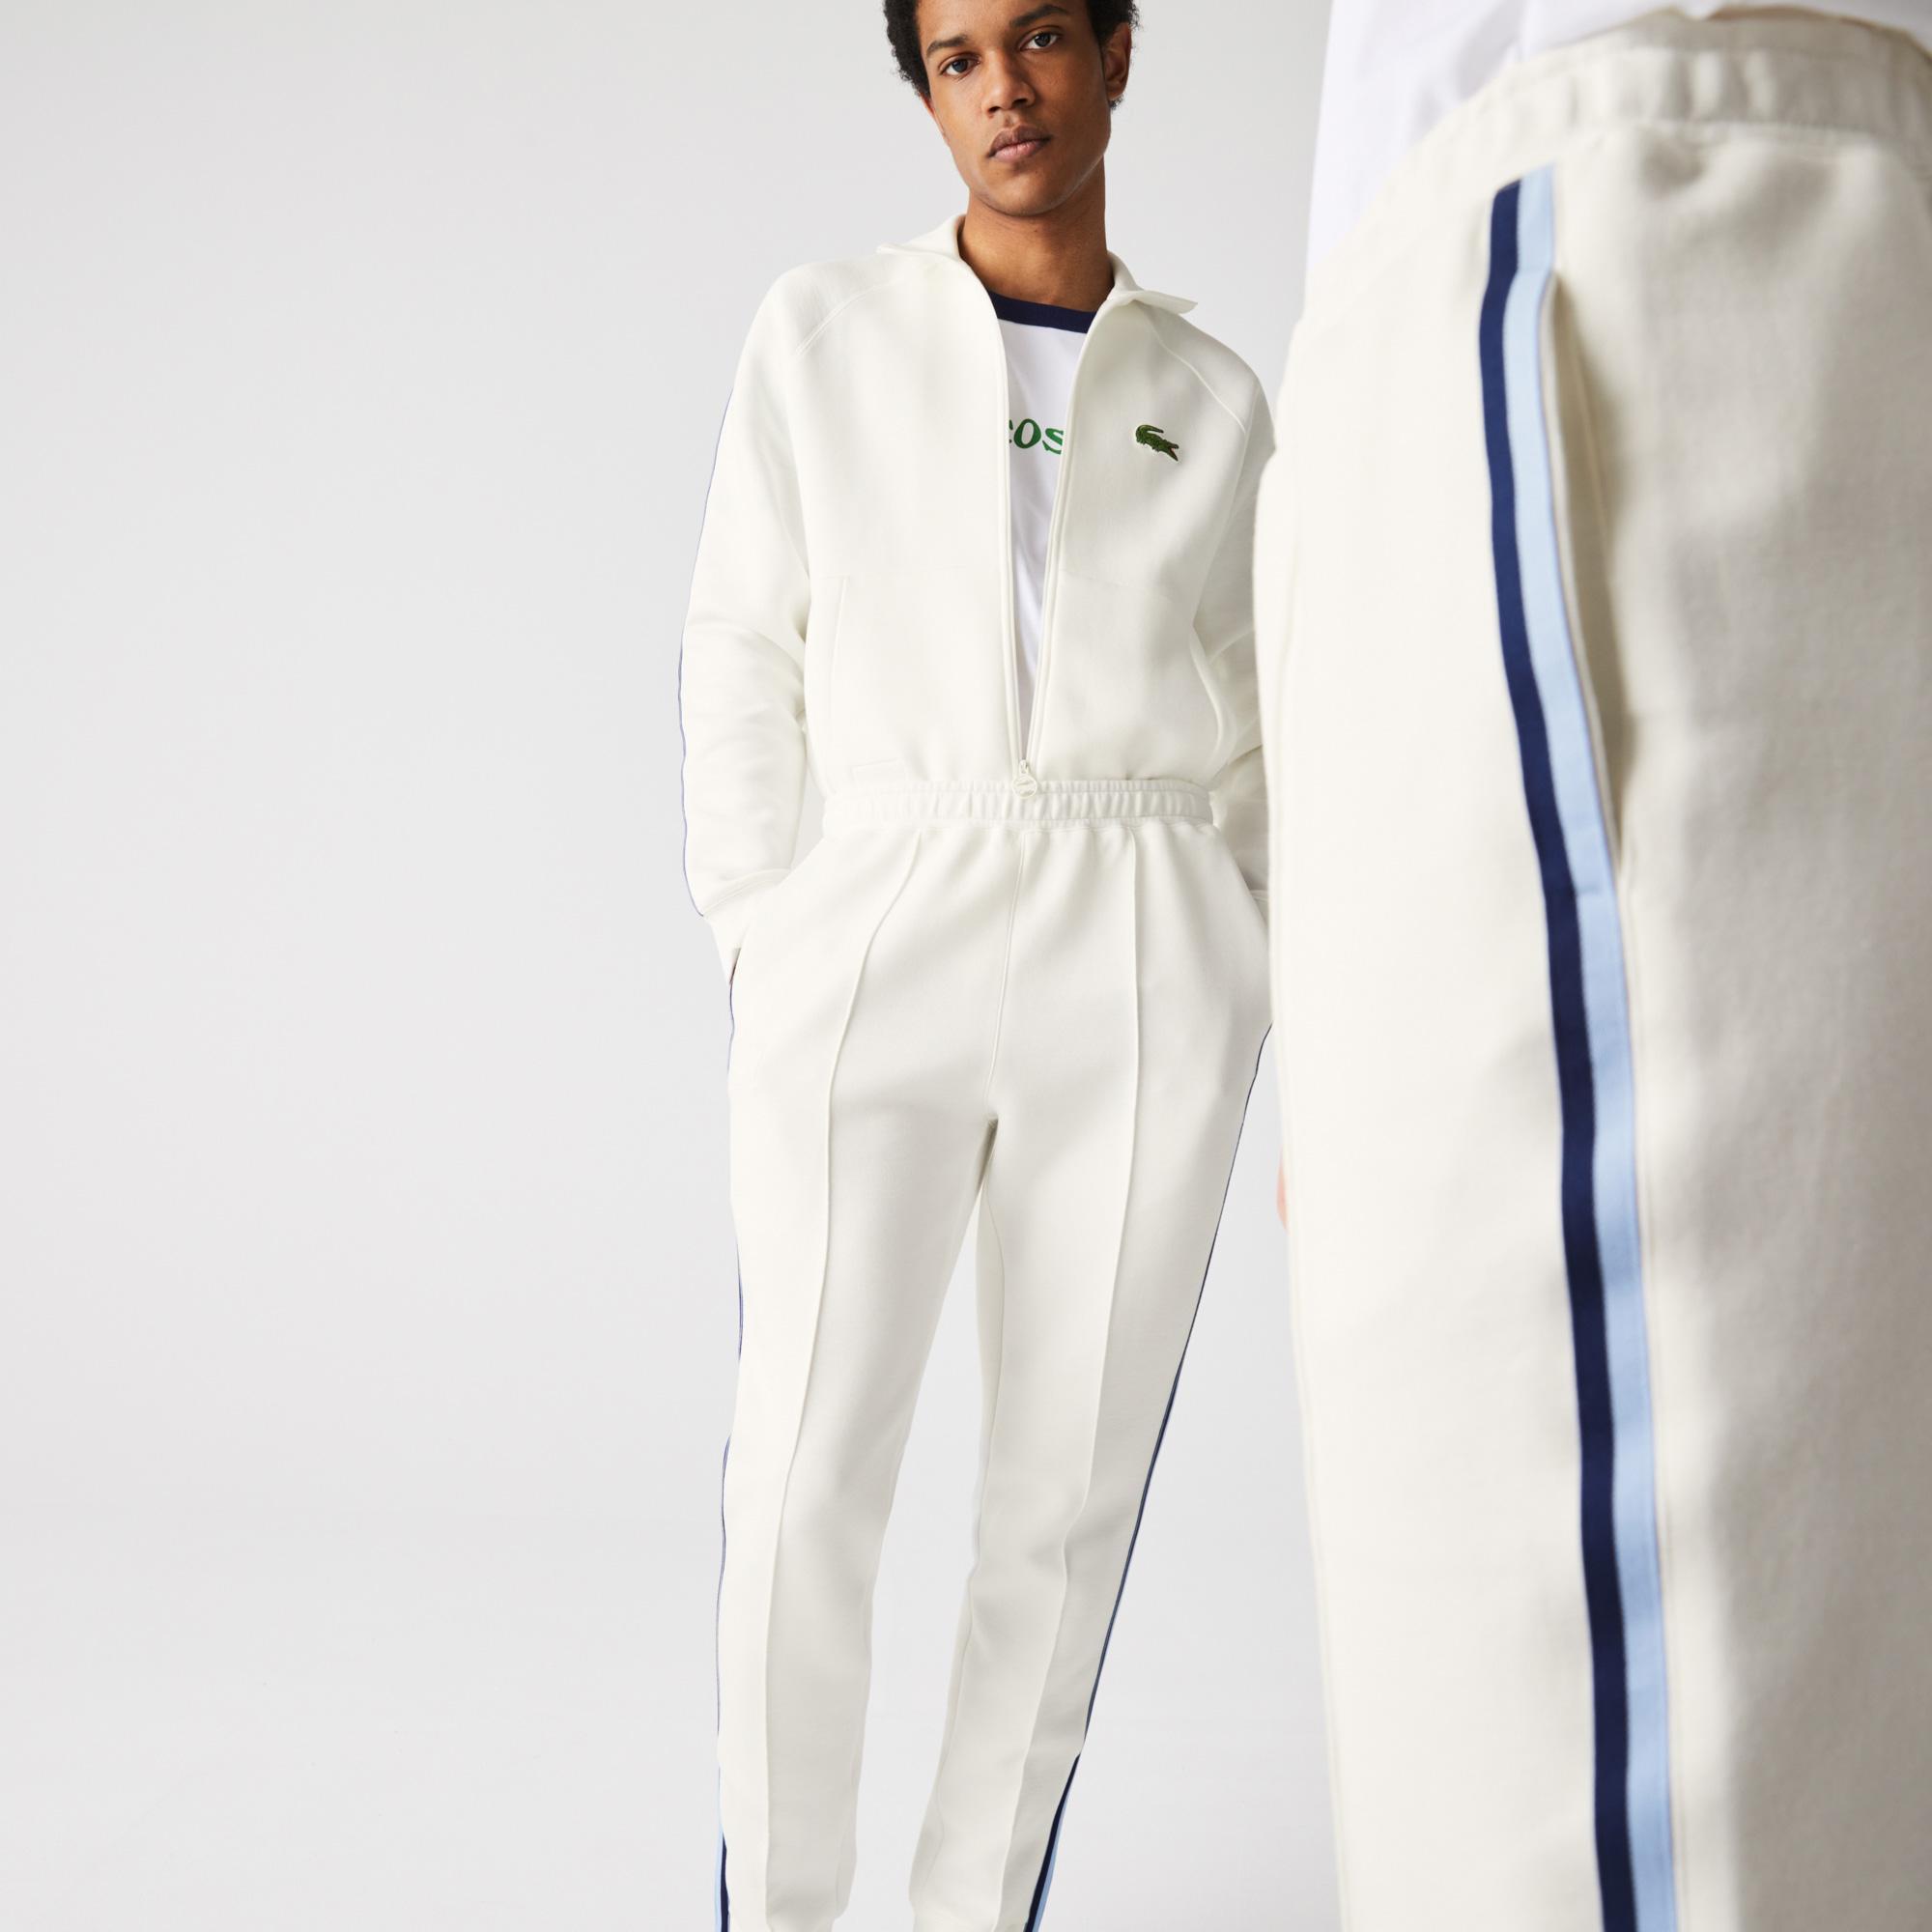 Lacoste Spodnie dresowe unisex z bawełny organicznej